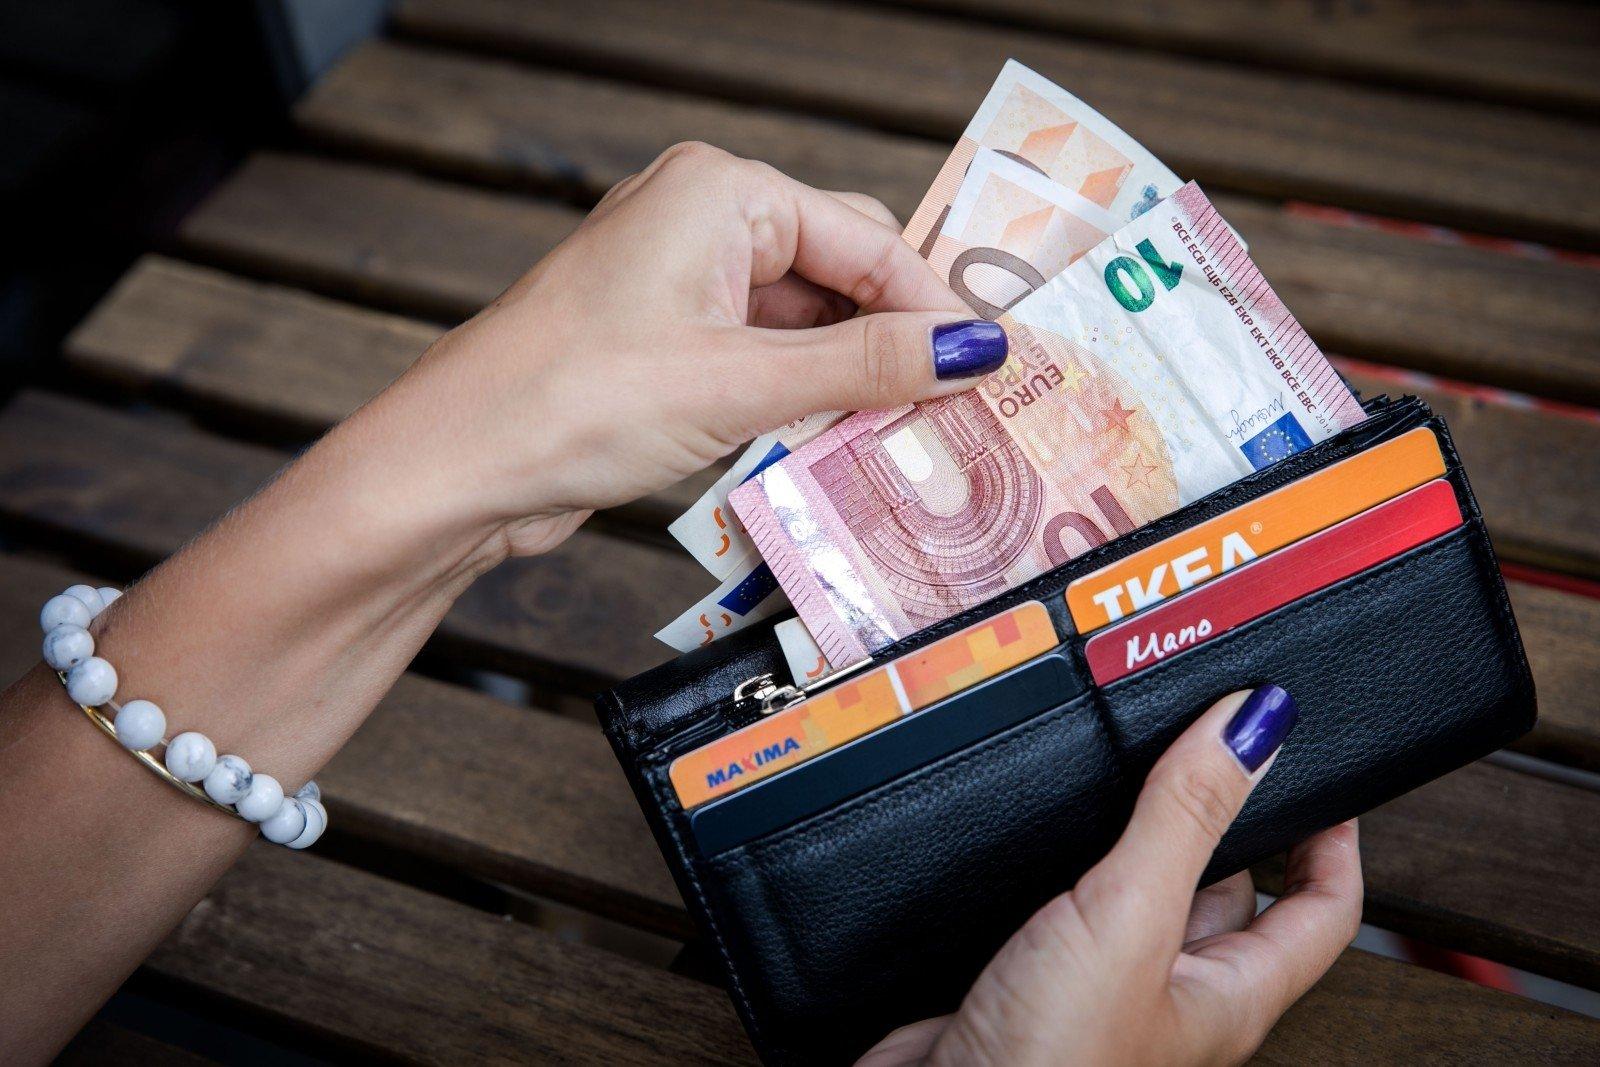 pratęsimai, kurie uždirba pinigus tradelkeapro dvejetainiai variantai